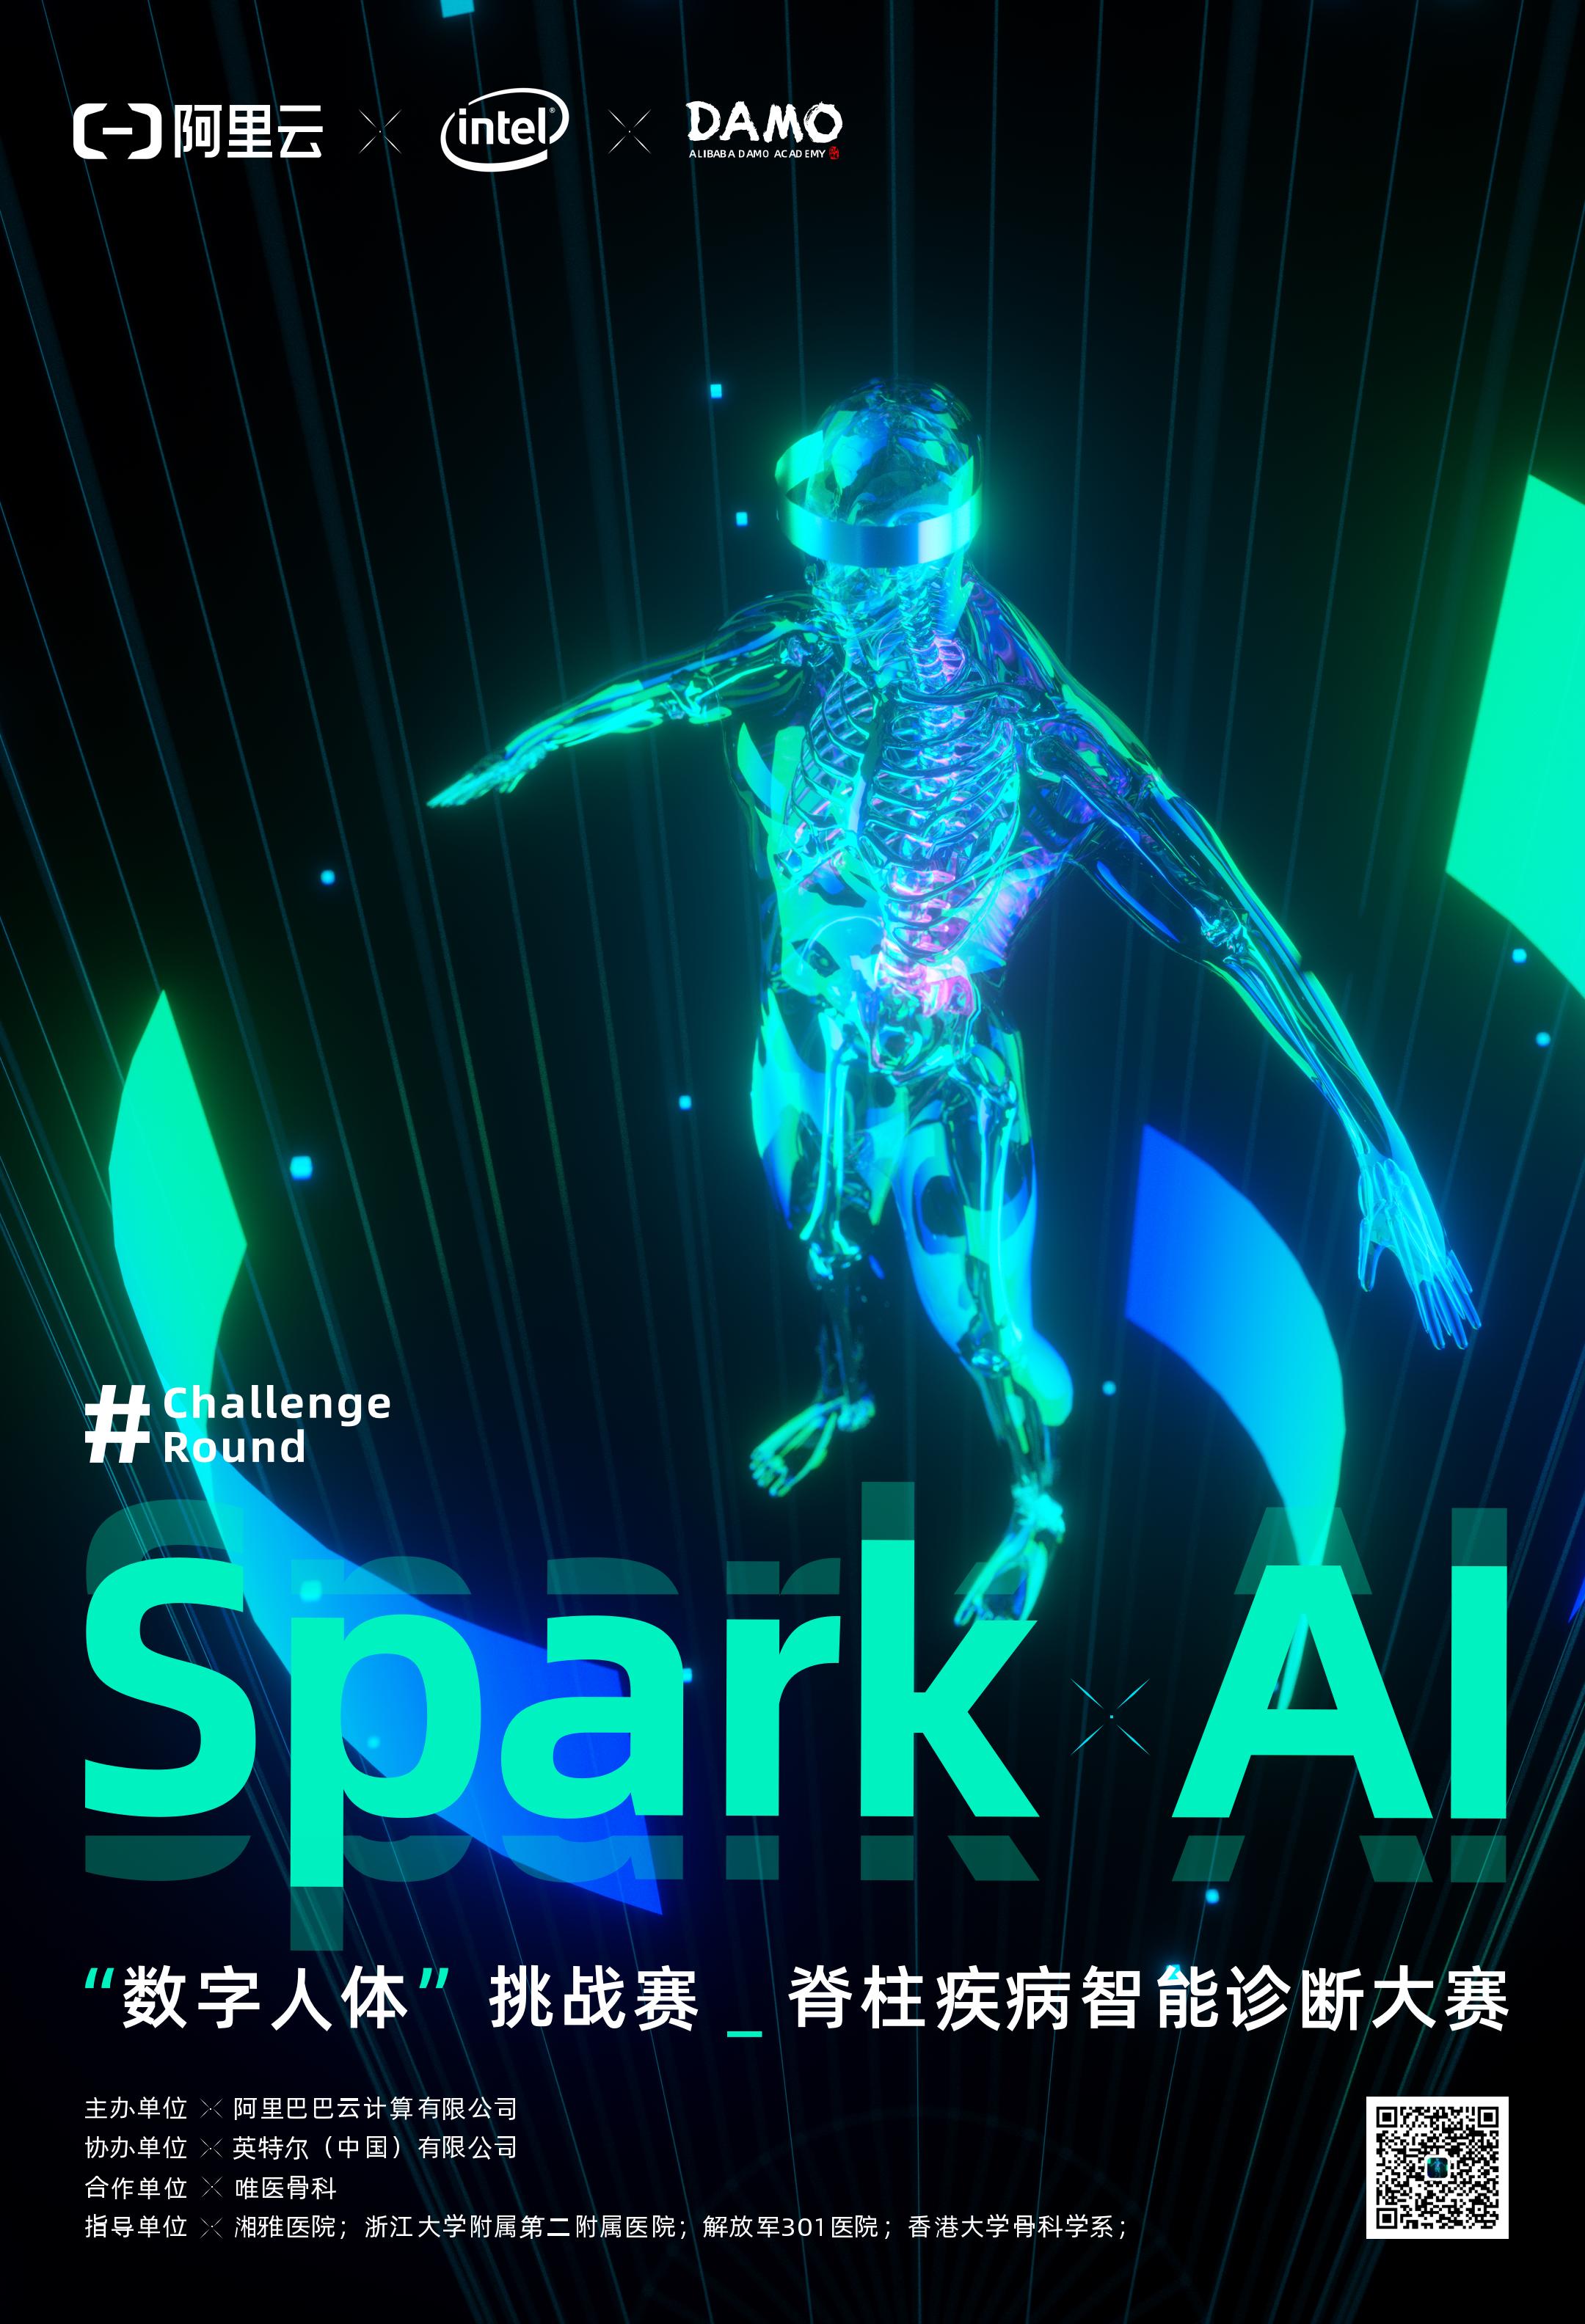 SparkAI_1080_1584 Poster.jpg